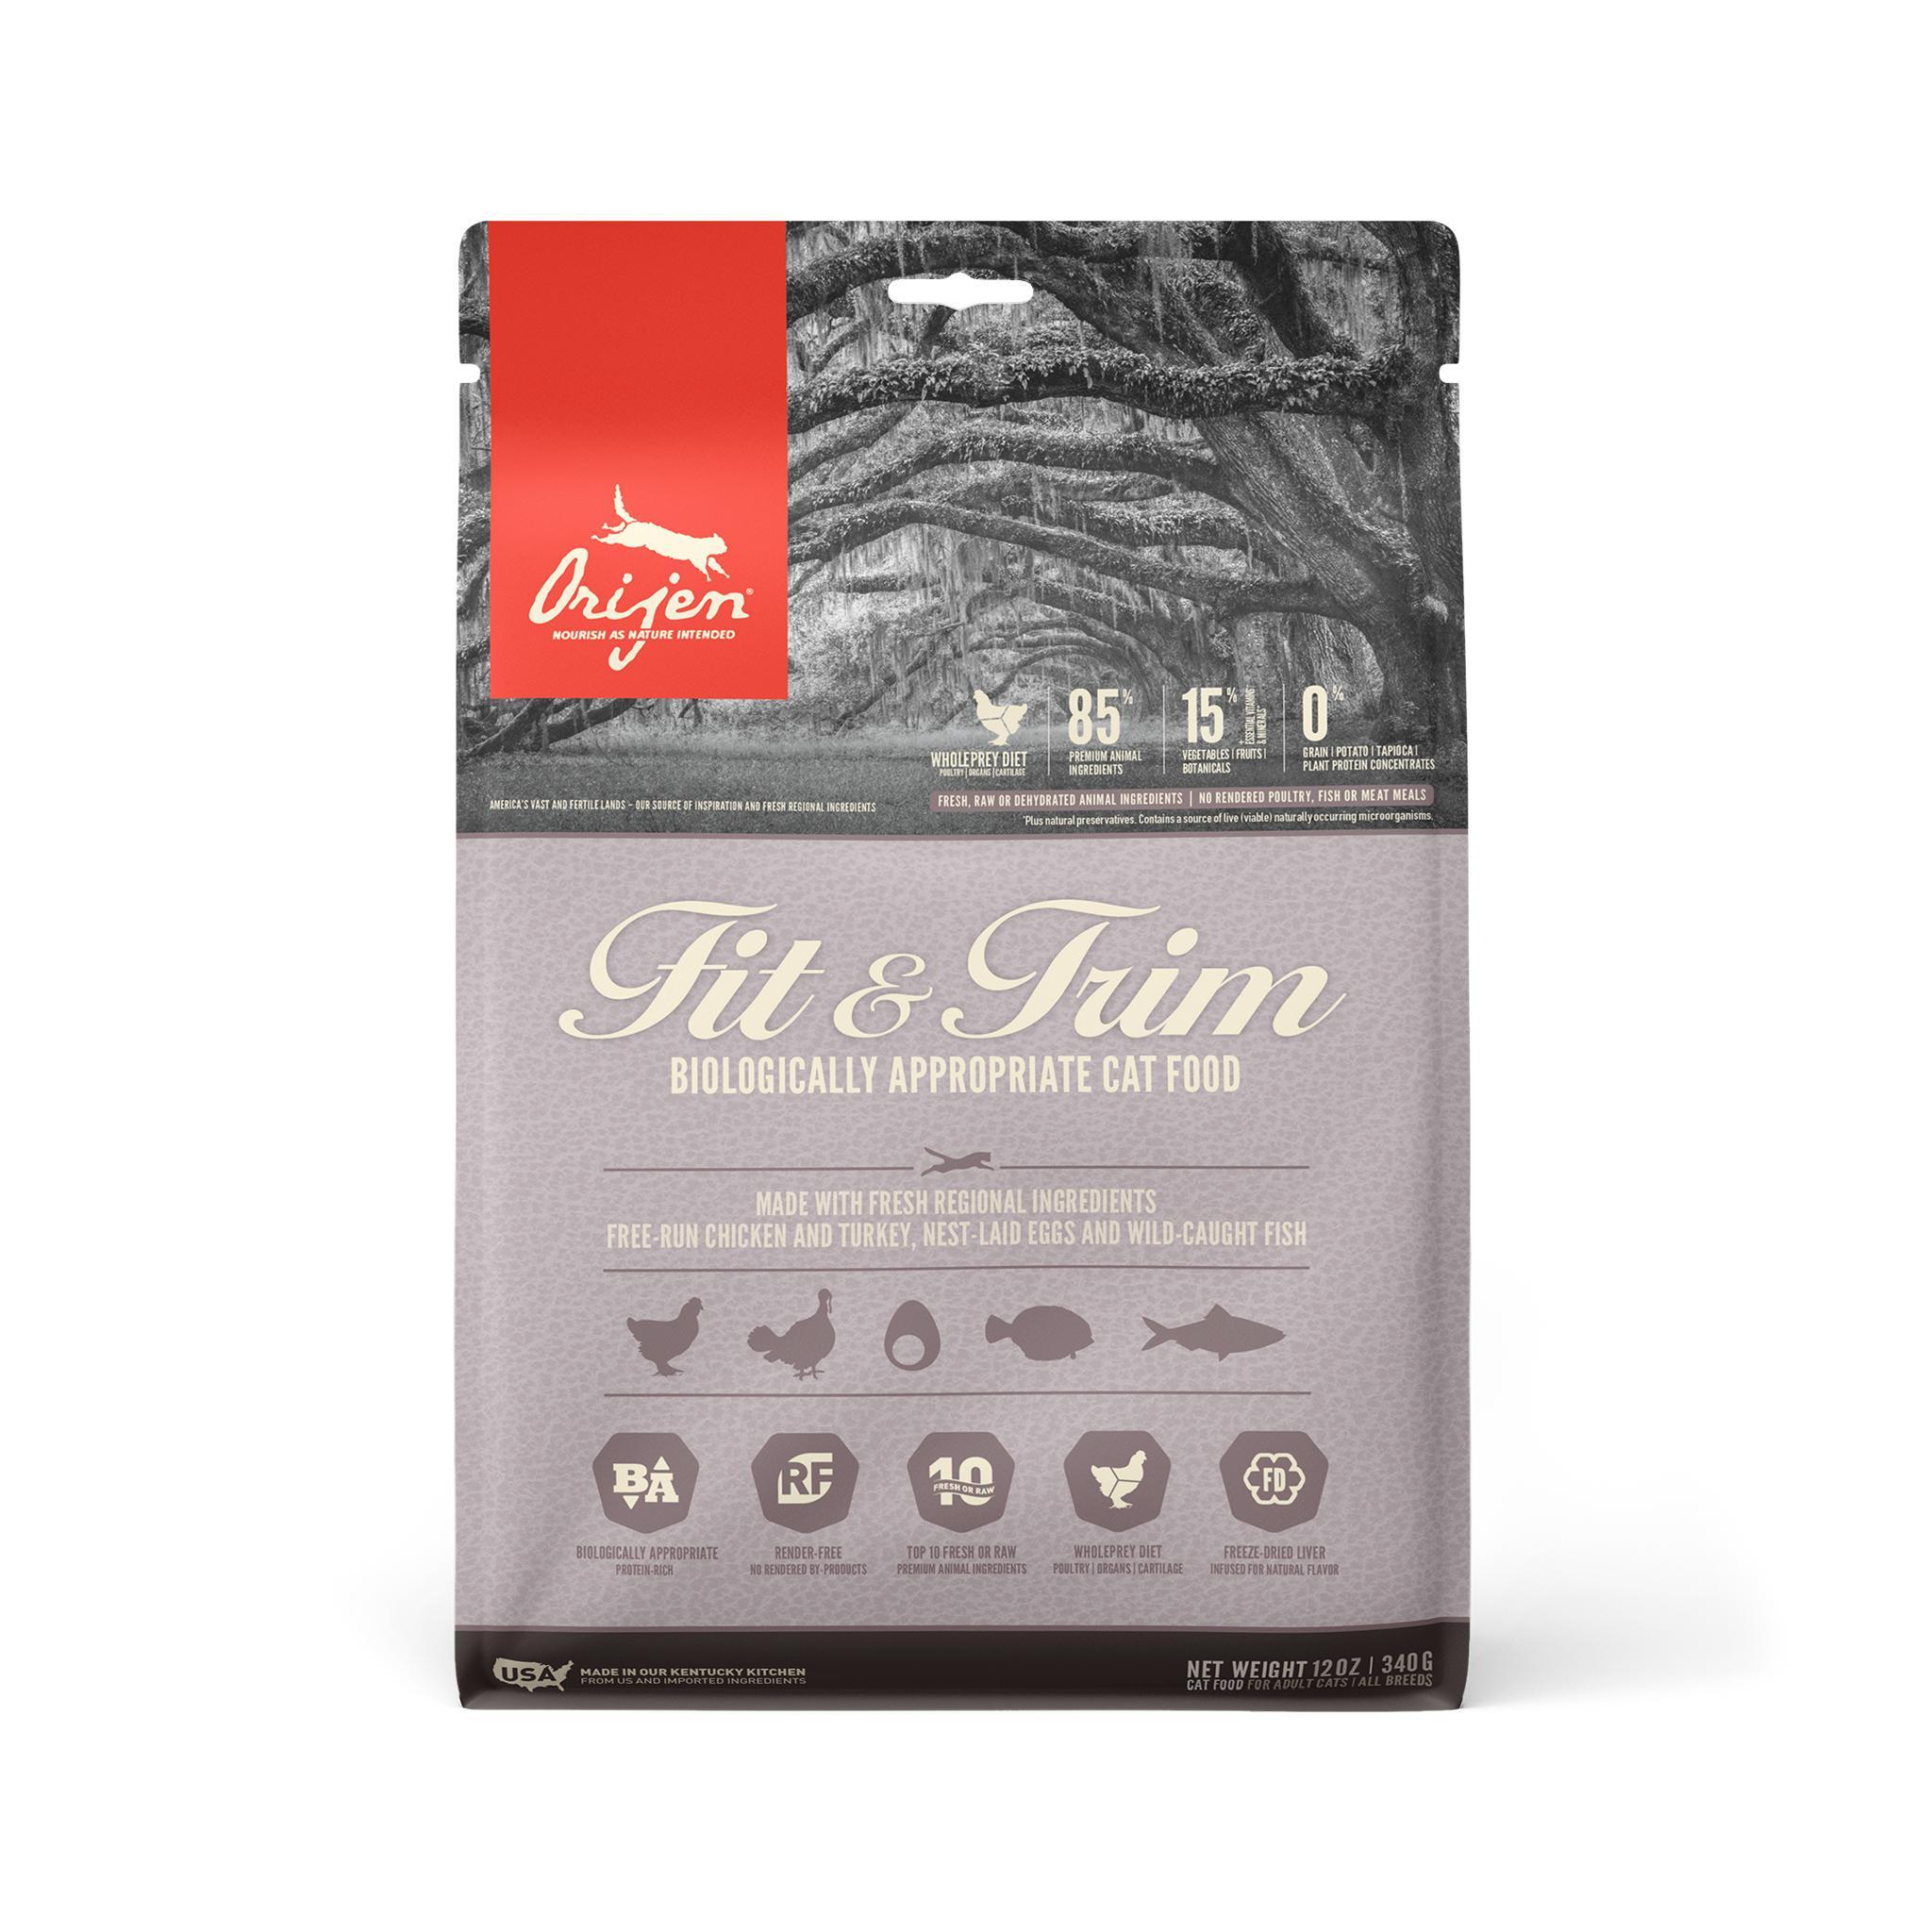 ORIJEN Fit & Trim Dry Cat Food Image